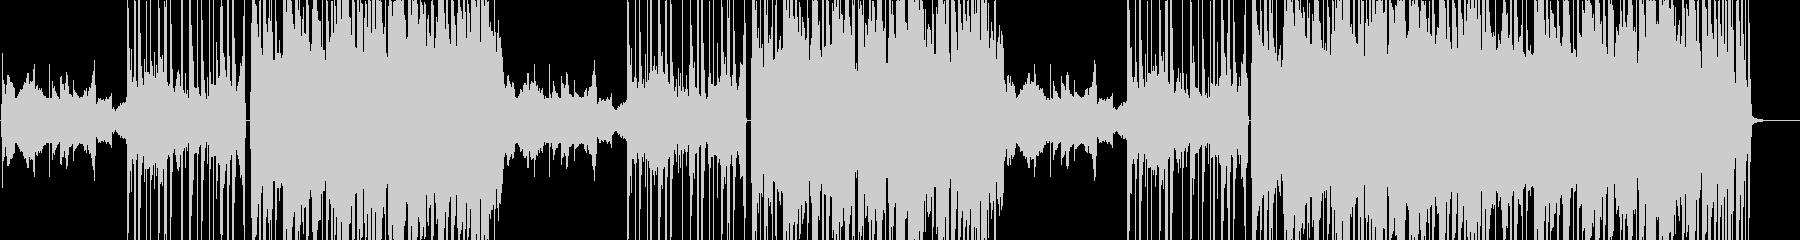 カフェなどに合うLO-FI HIPHOPの未再生の波形